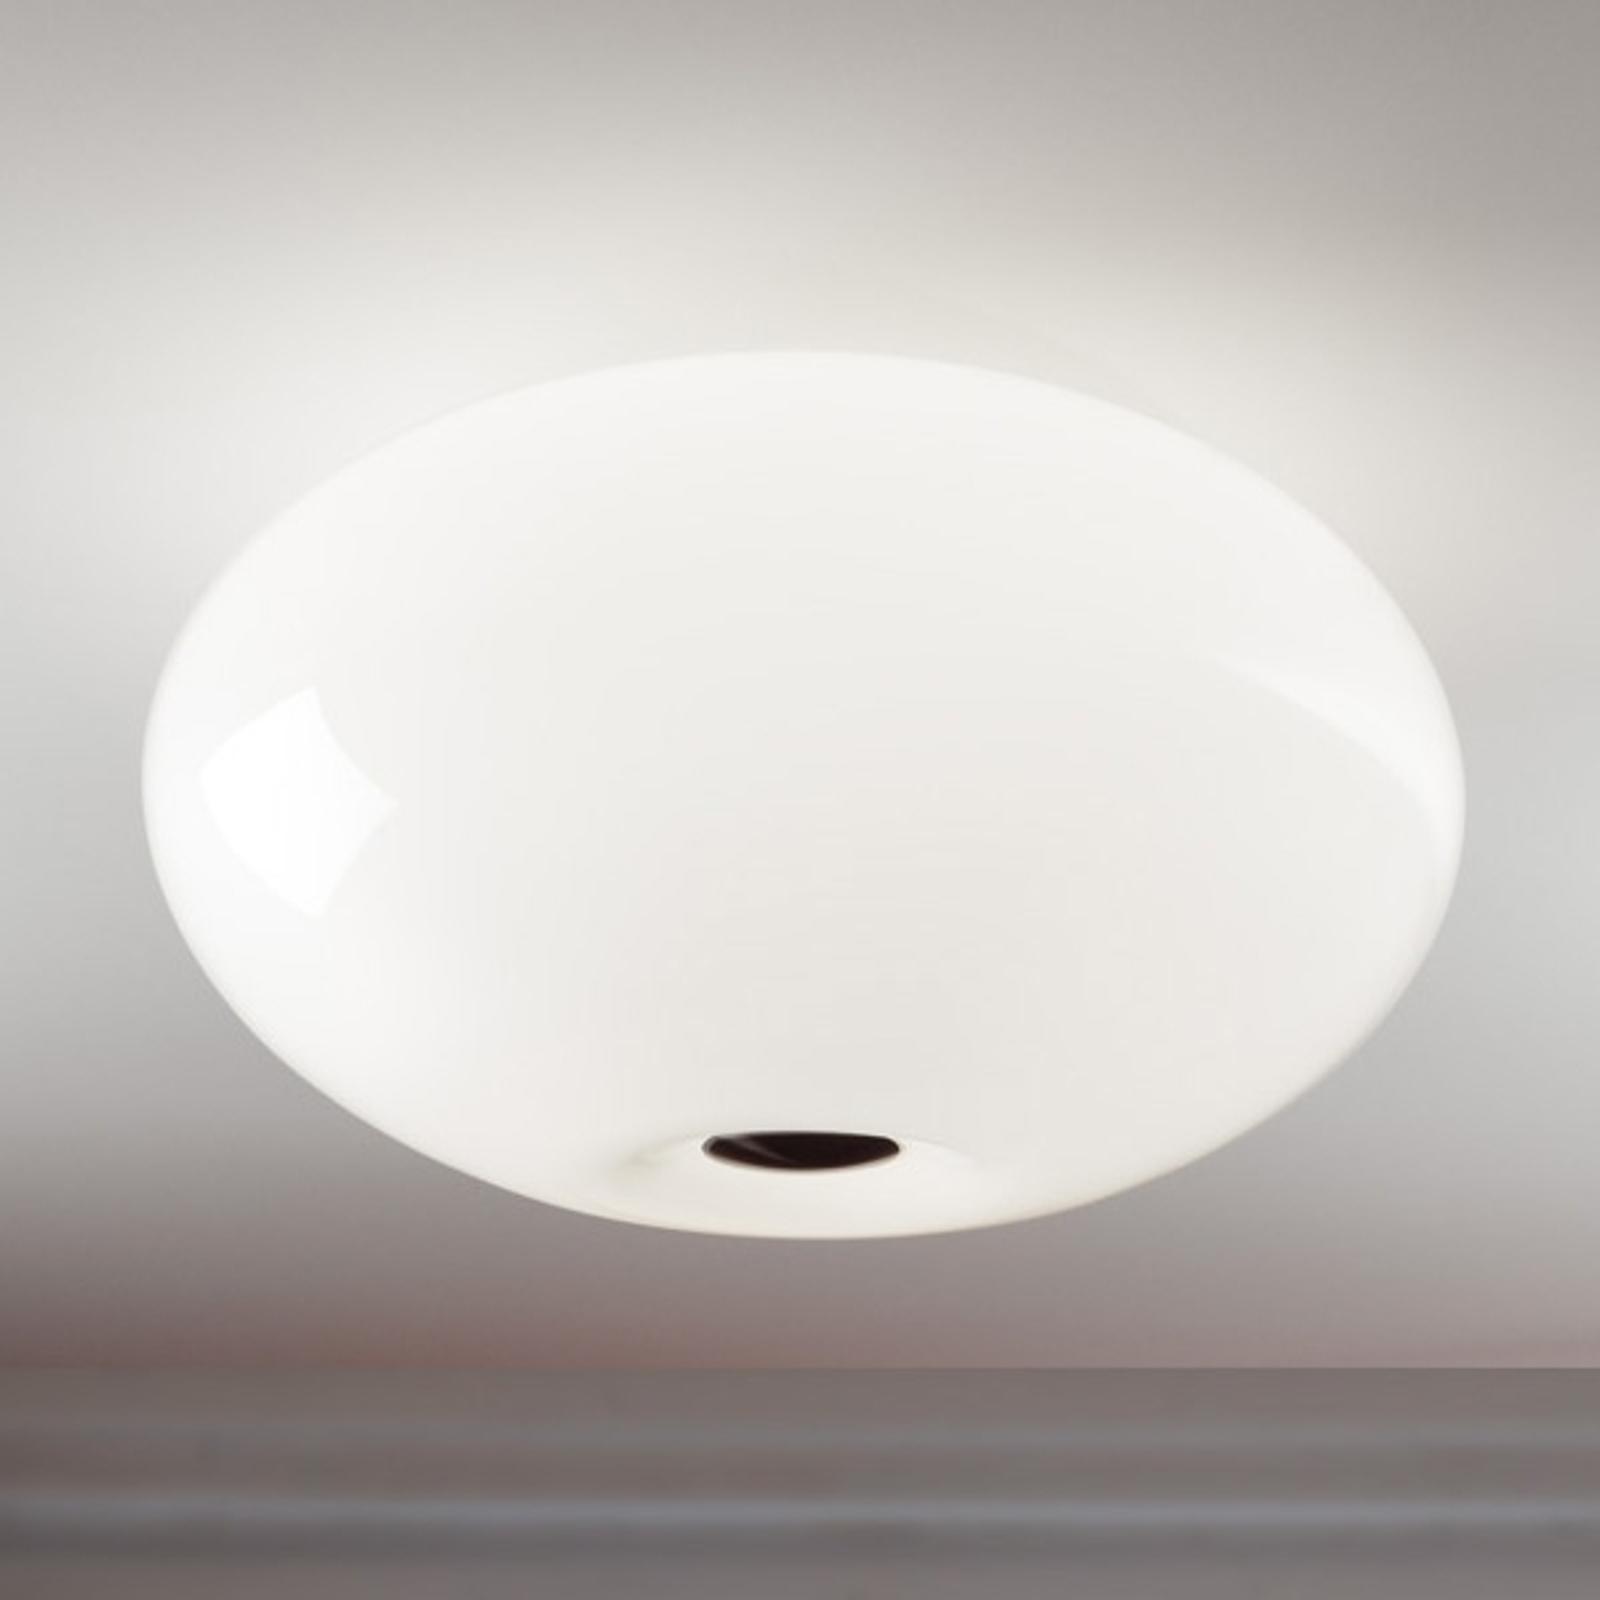 Vacker taklampa AIH 38 cm, glänsande vit